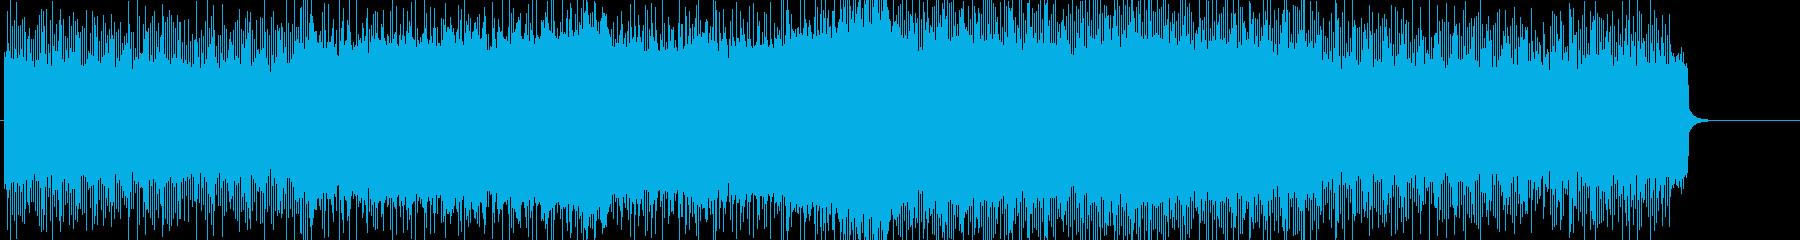 格闘・レースに使える重厚ハードロックの再生済みの波形